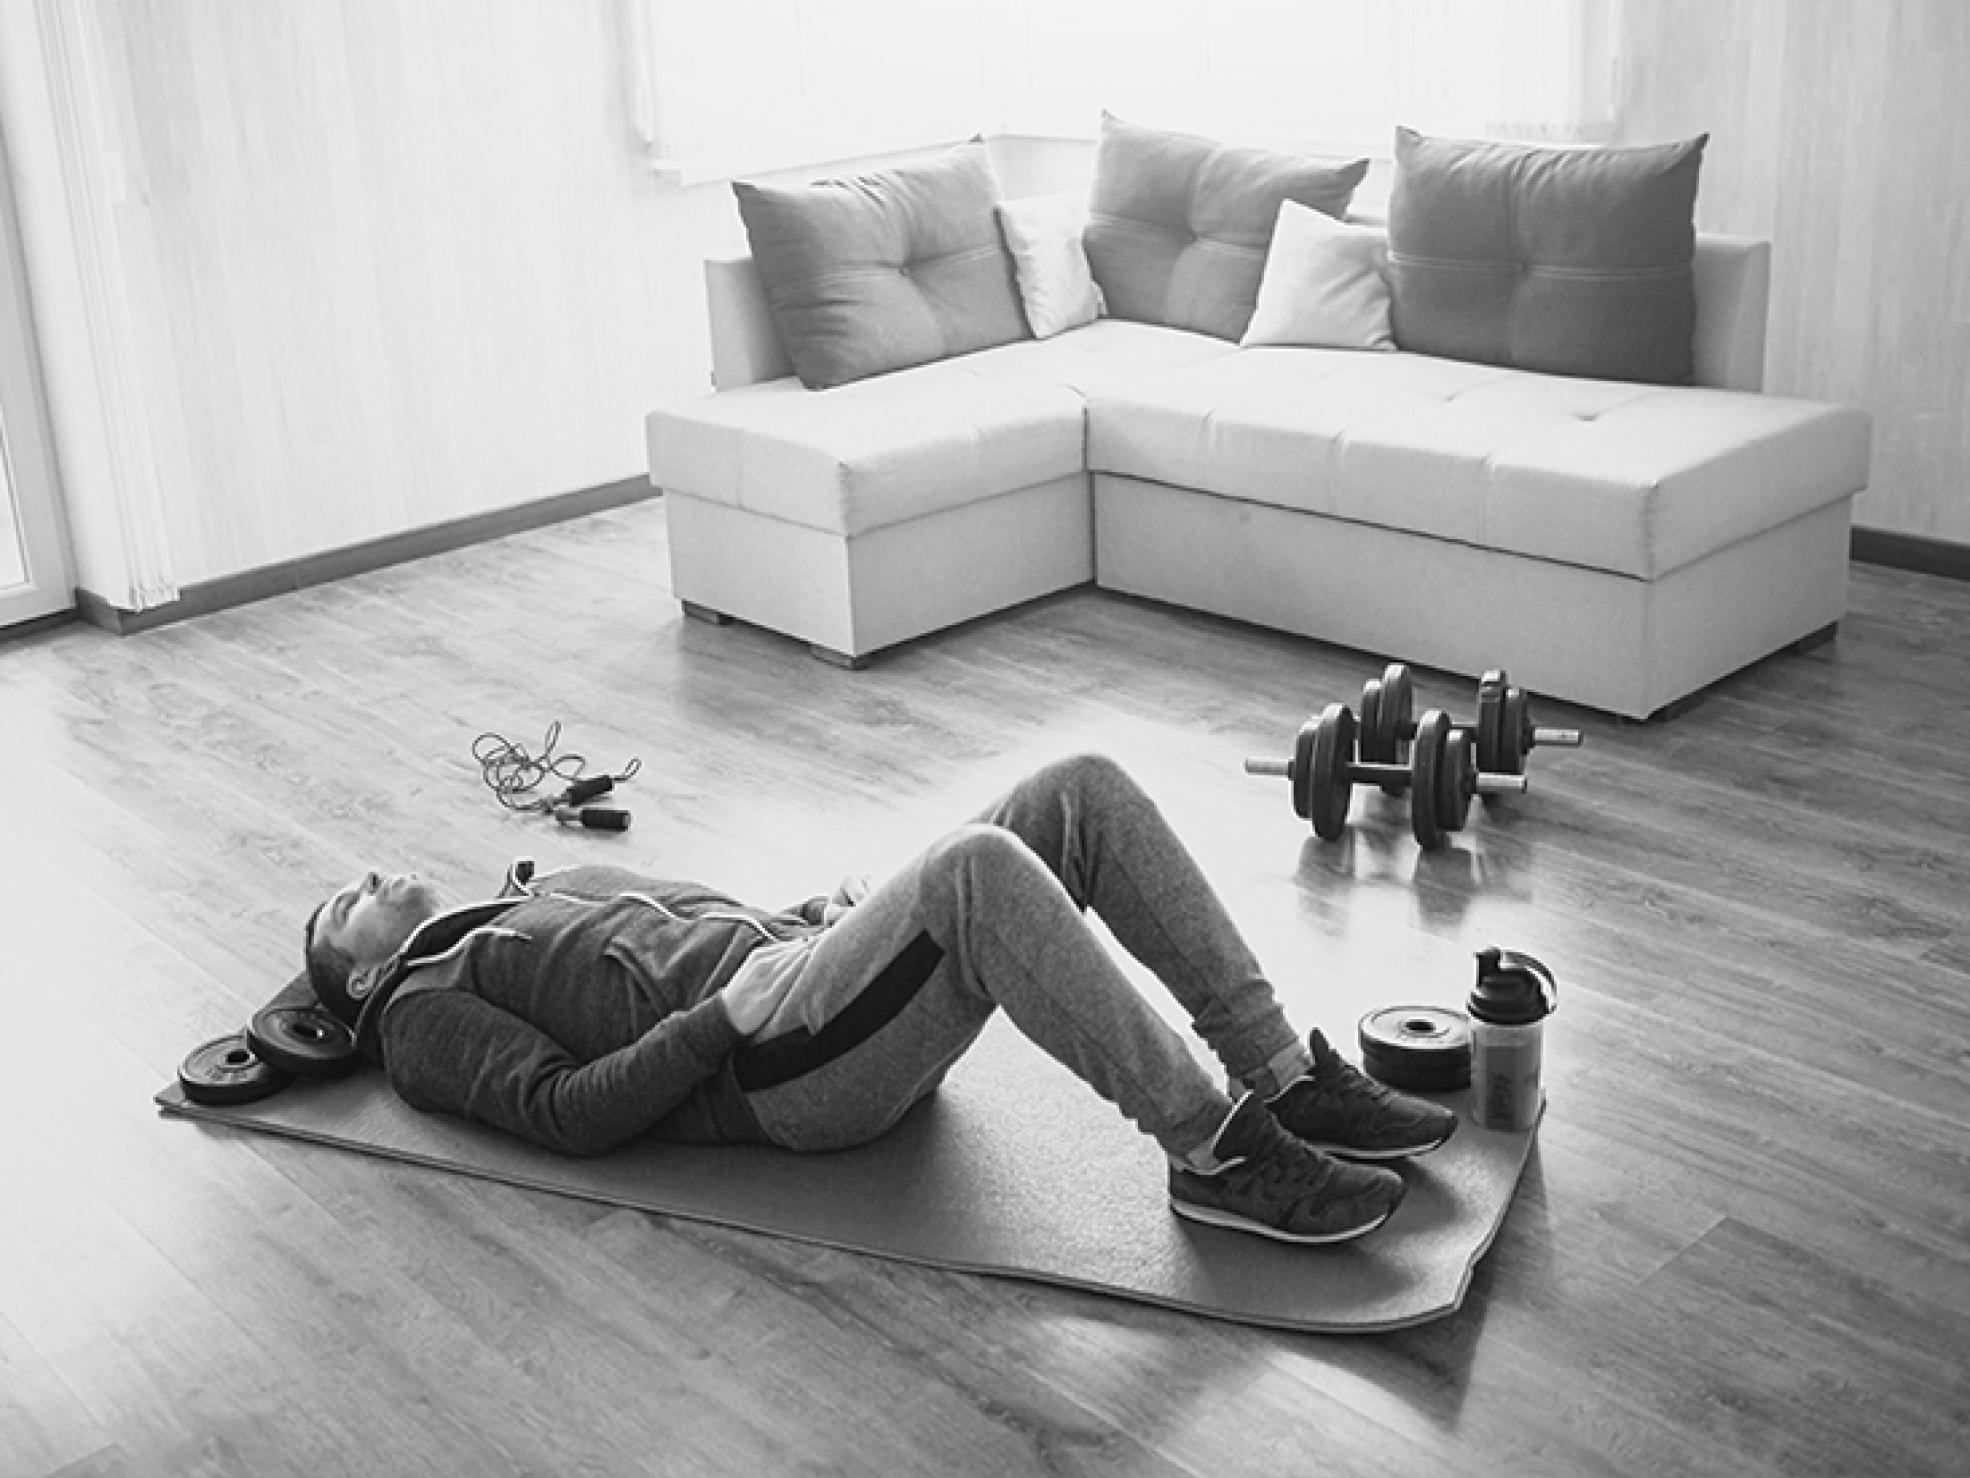 Mężczyzna odpoczywający namacie napodłodze poćwiczeniach - regeneracja